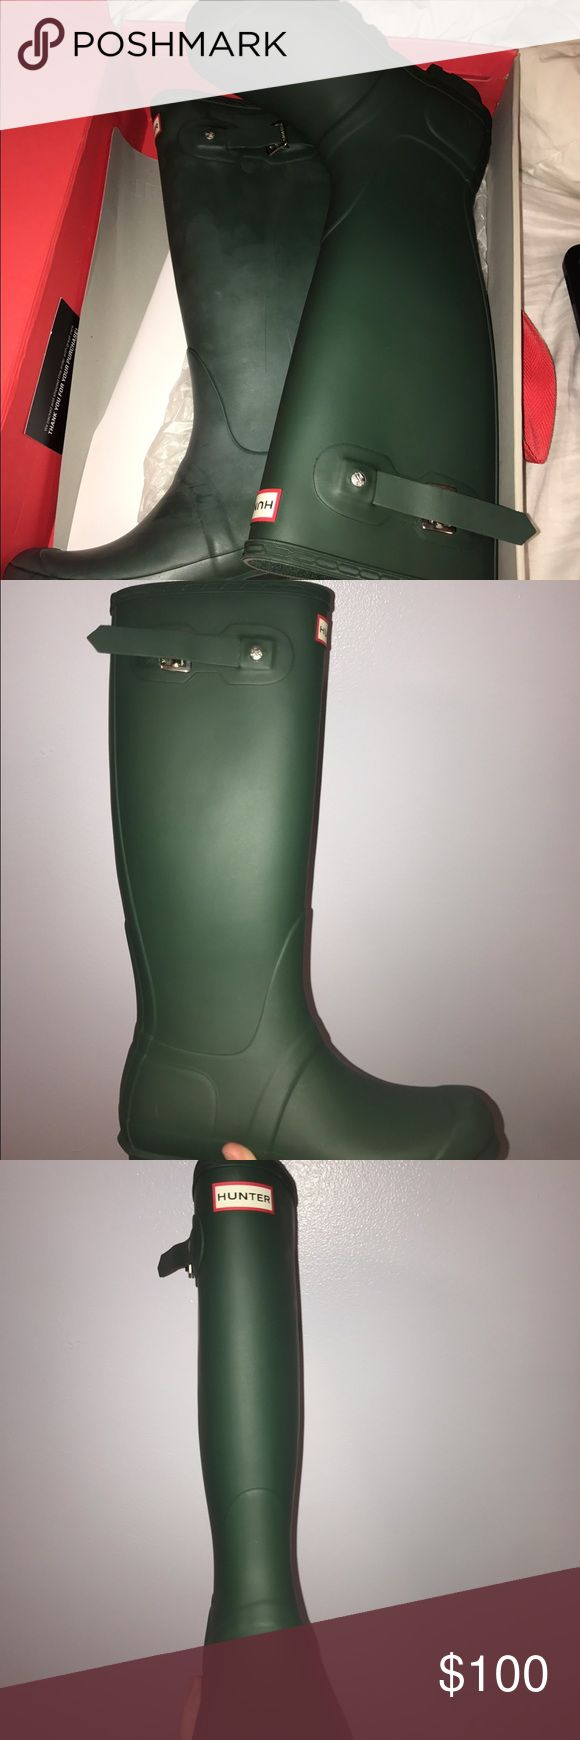 Matte Hunter Green Tall Hunter Rain Boots Original style, matte hunter green, size 7 woman's, never worn. Hunter Boots Shoes Winter & Rain Boots